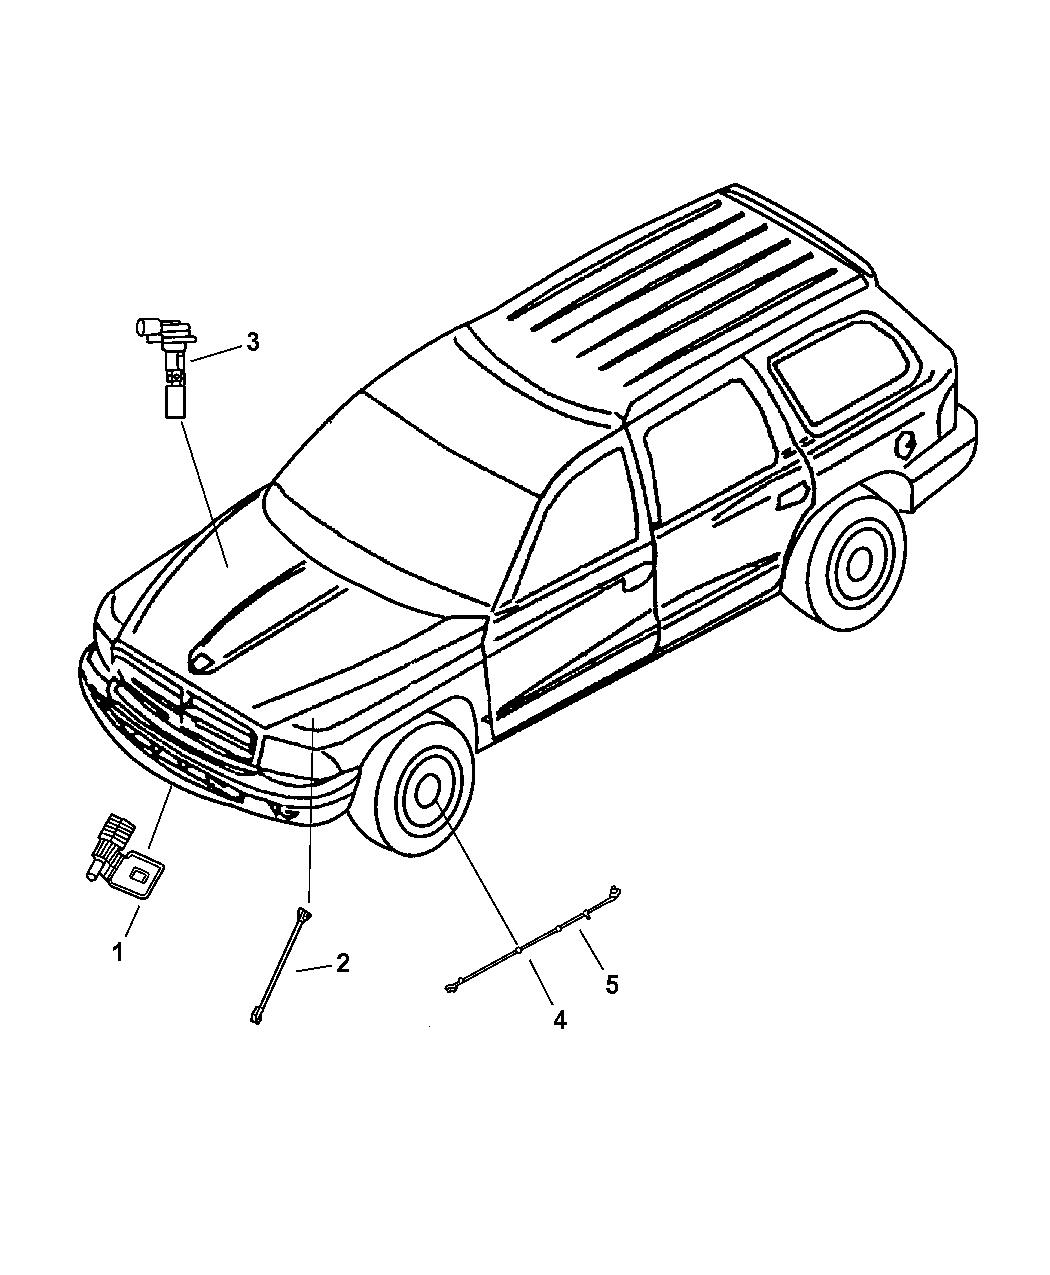 2001 Dodge Durango Sensors Body